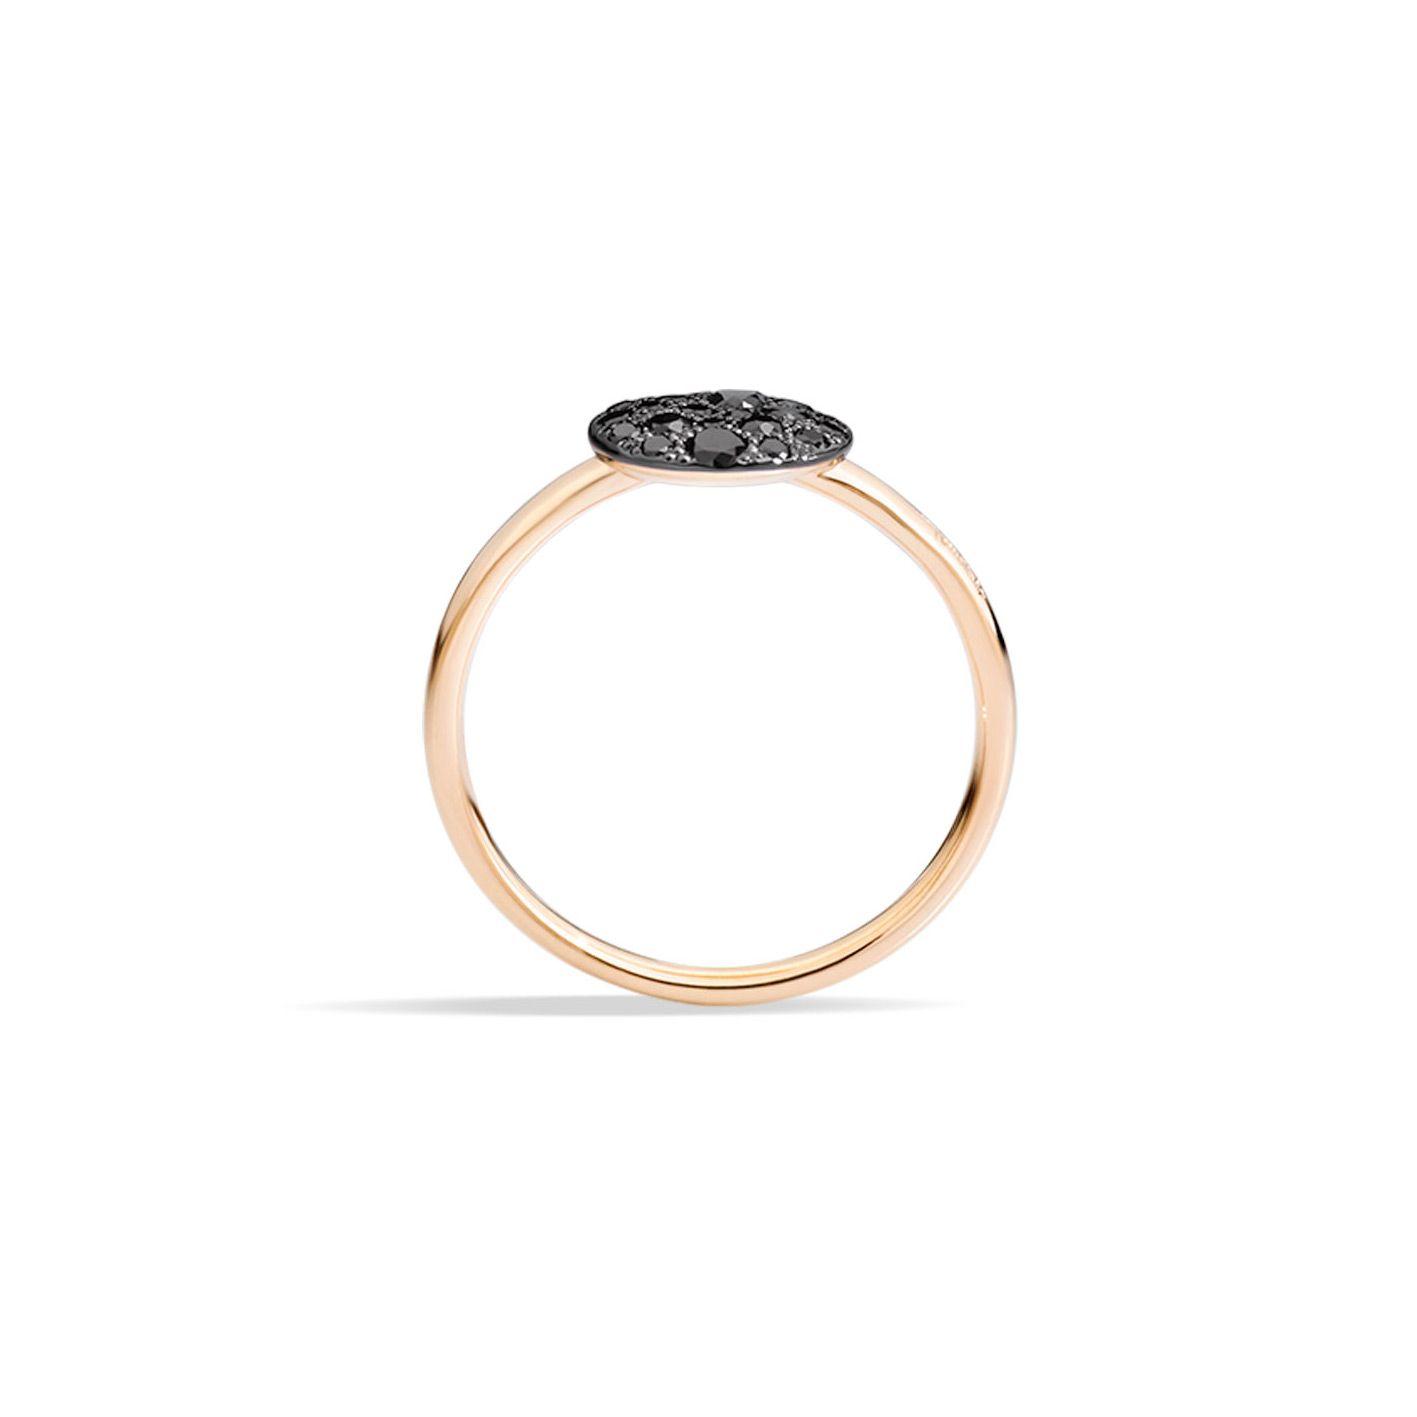 Bague Pomellato Sabbia petit modèle en Or rose et Diamant noir vue 2